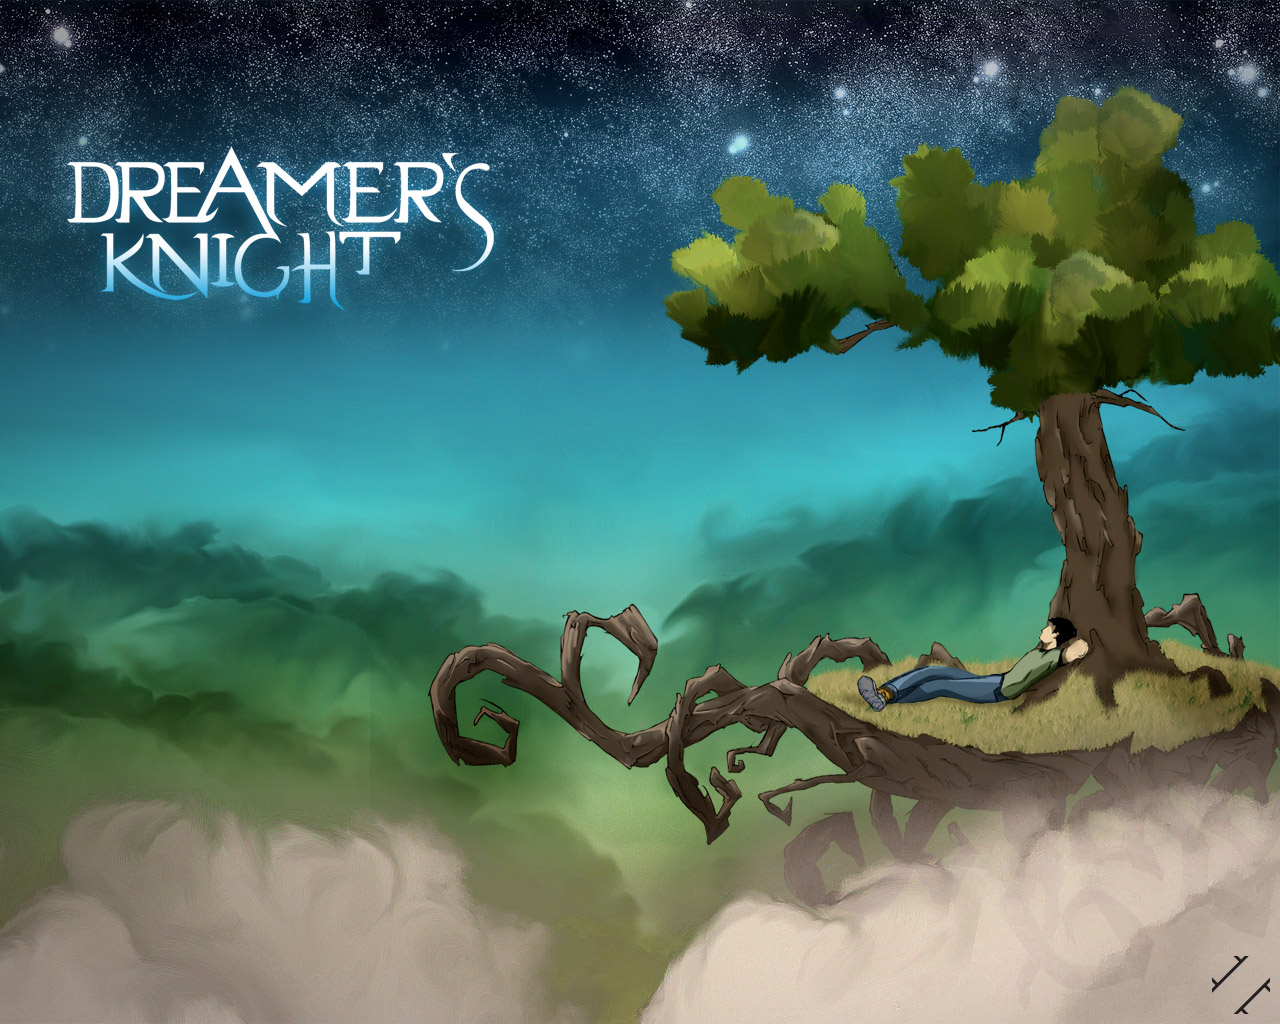 dreamer knight wallpaper by xa0tik on deviantart